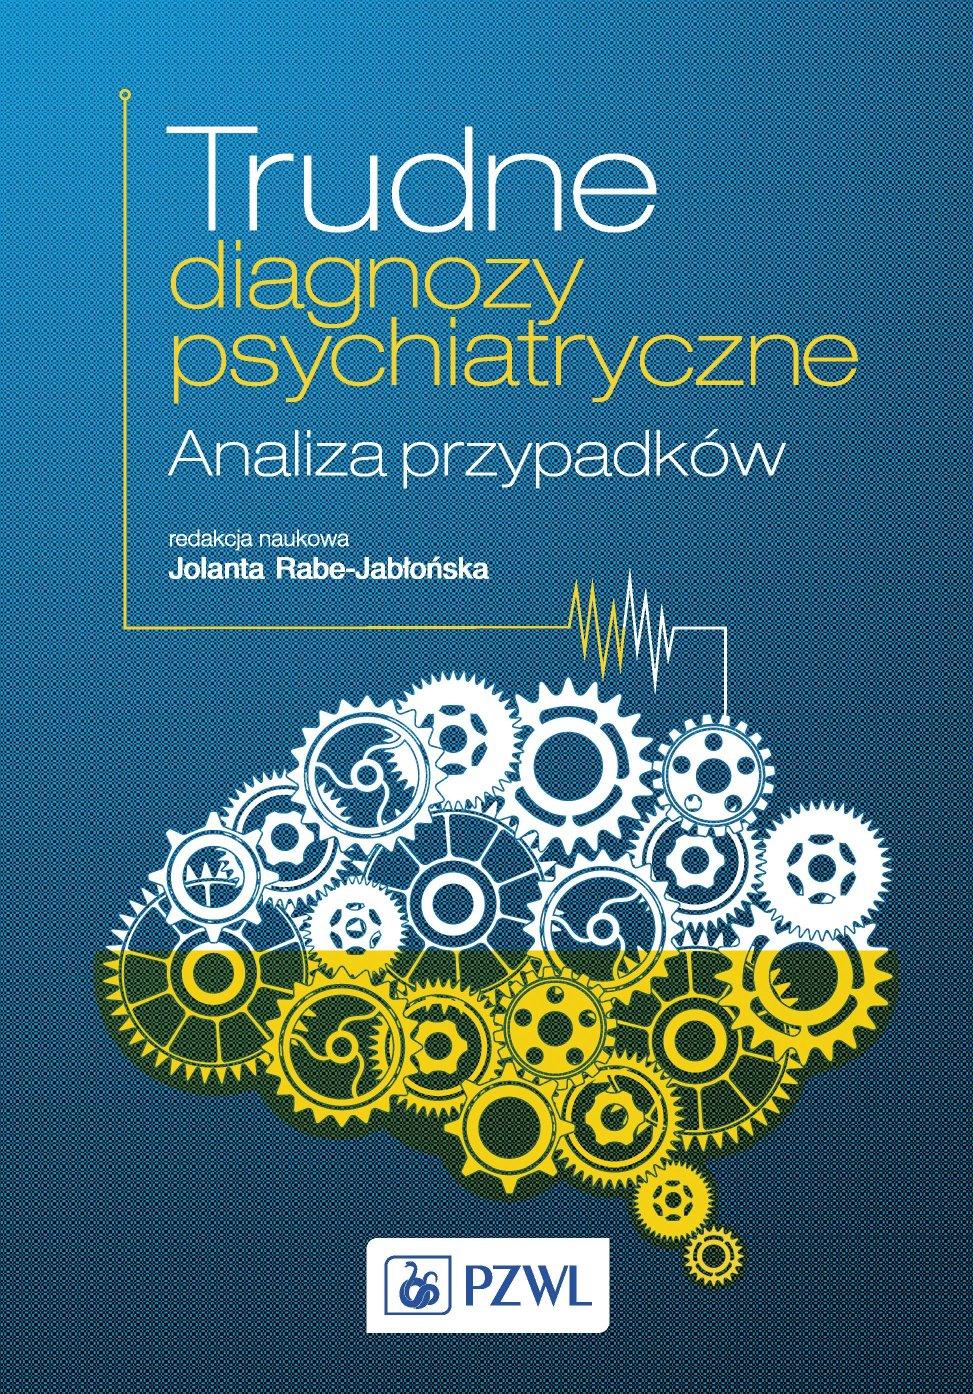 Trudne diagnozy psychiatryczne. Analiza przypadków - Ebook (Książka na Kindle) do pobrania w formacie MOBI